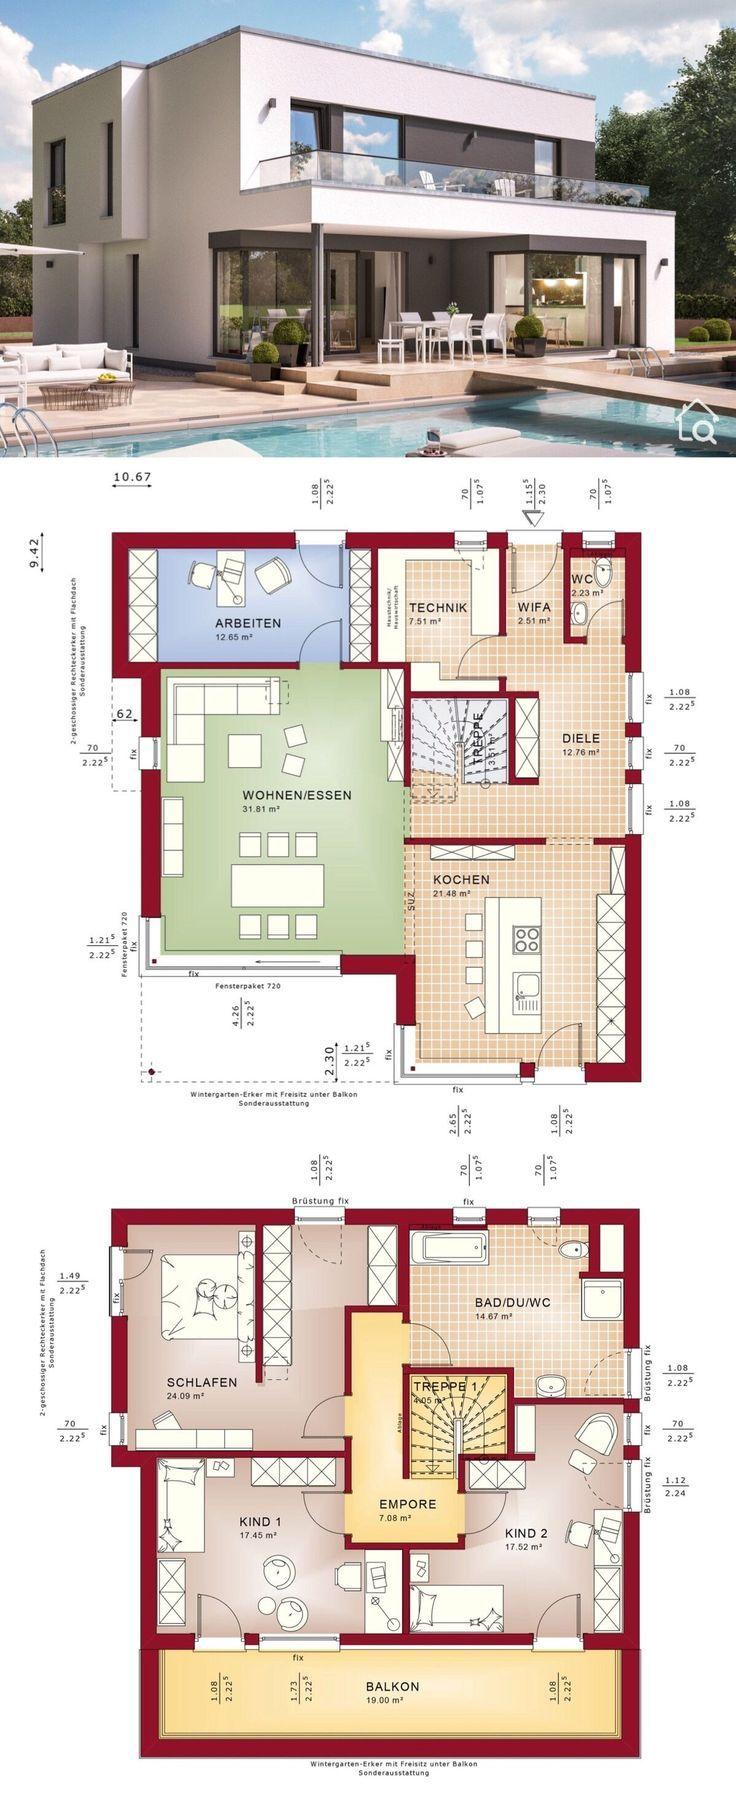 Haus Grundrisse Kleine Villa mit 2 Stockwerken, 4 Schlafzimmern und offenem Konzept Moderner zeitgenössischer europäischer minimalistischer Stil Architektur Design FANTASTIC 163 V